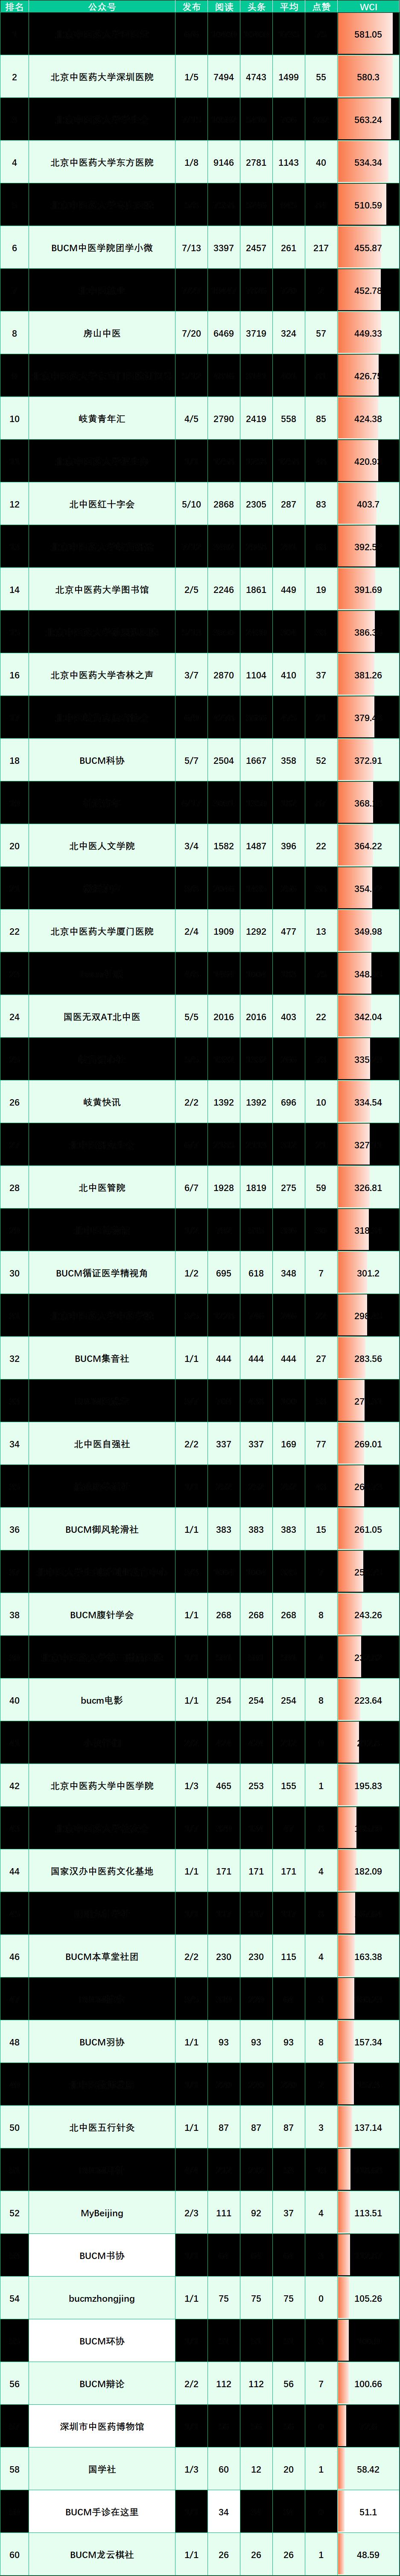 榜单来啦!(10.25-10.31)图片